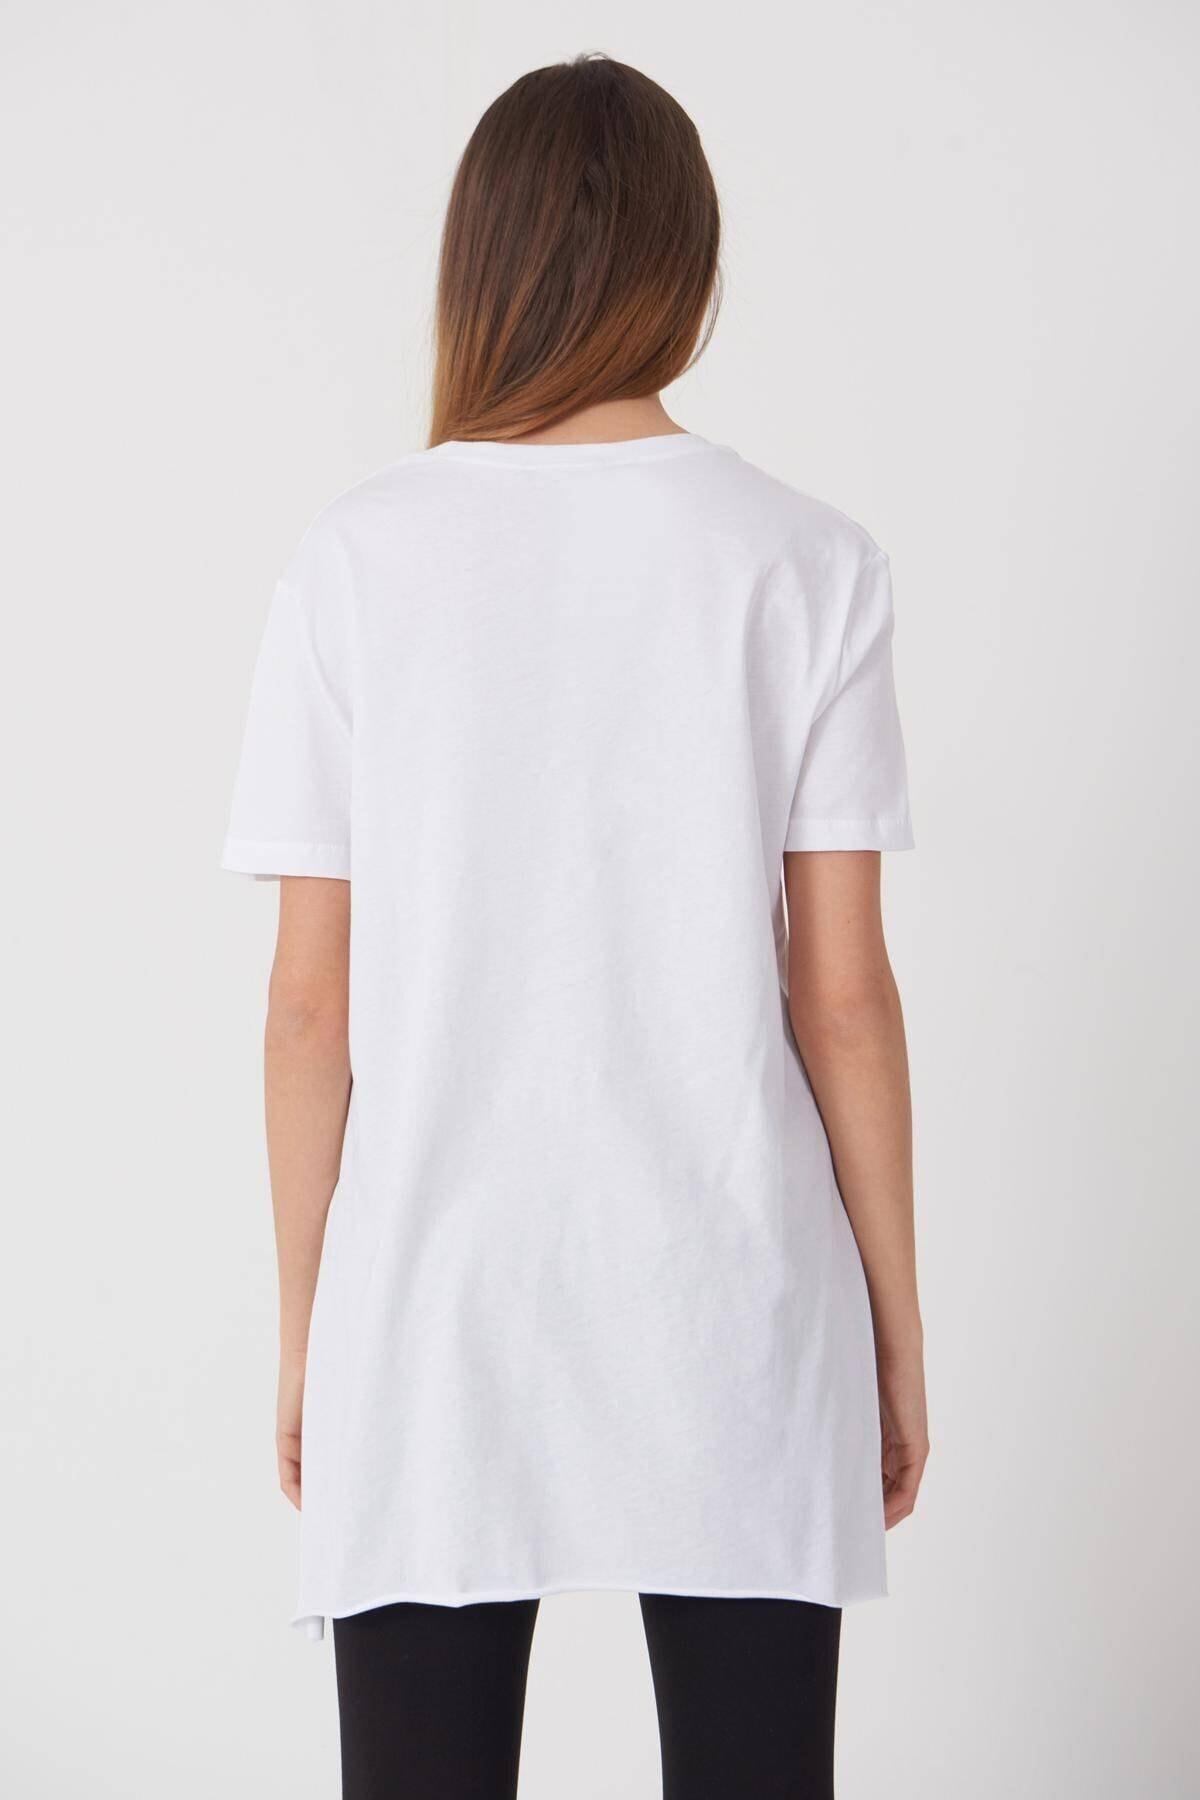 Addax Kadın Beyaz Bisiklet Yaka T-Shirt P0101 - U4 - Z1 Adx-00007204 4